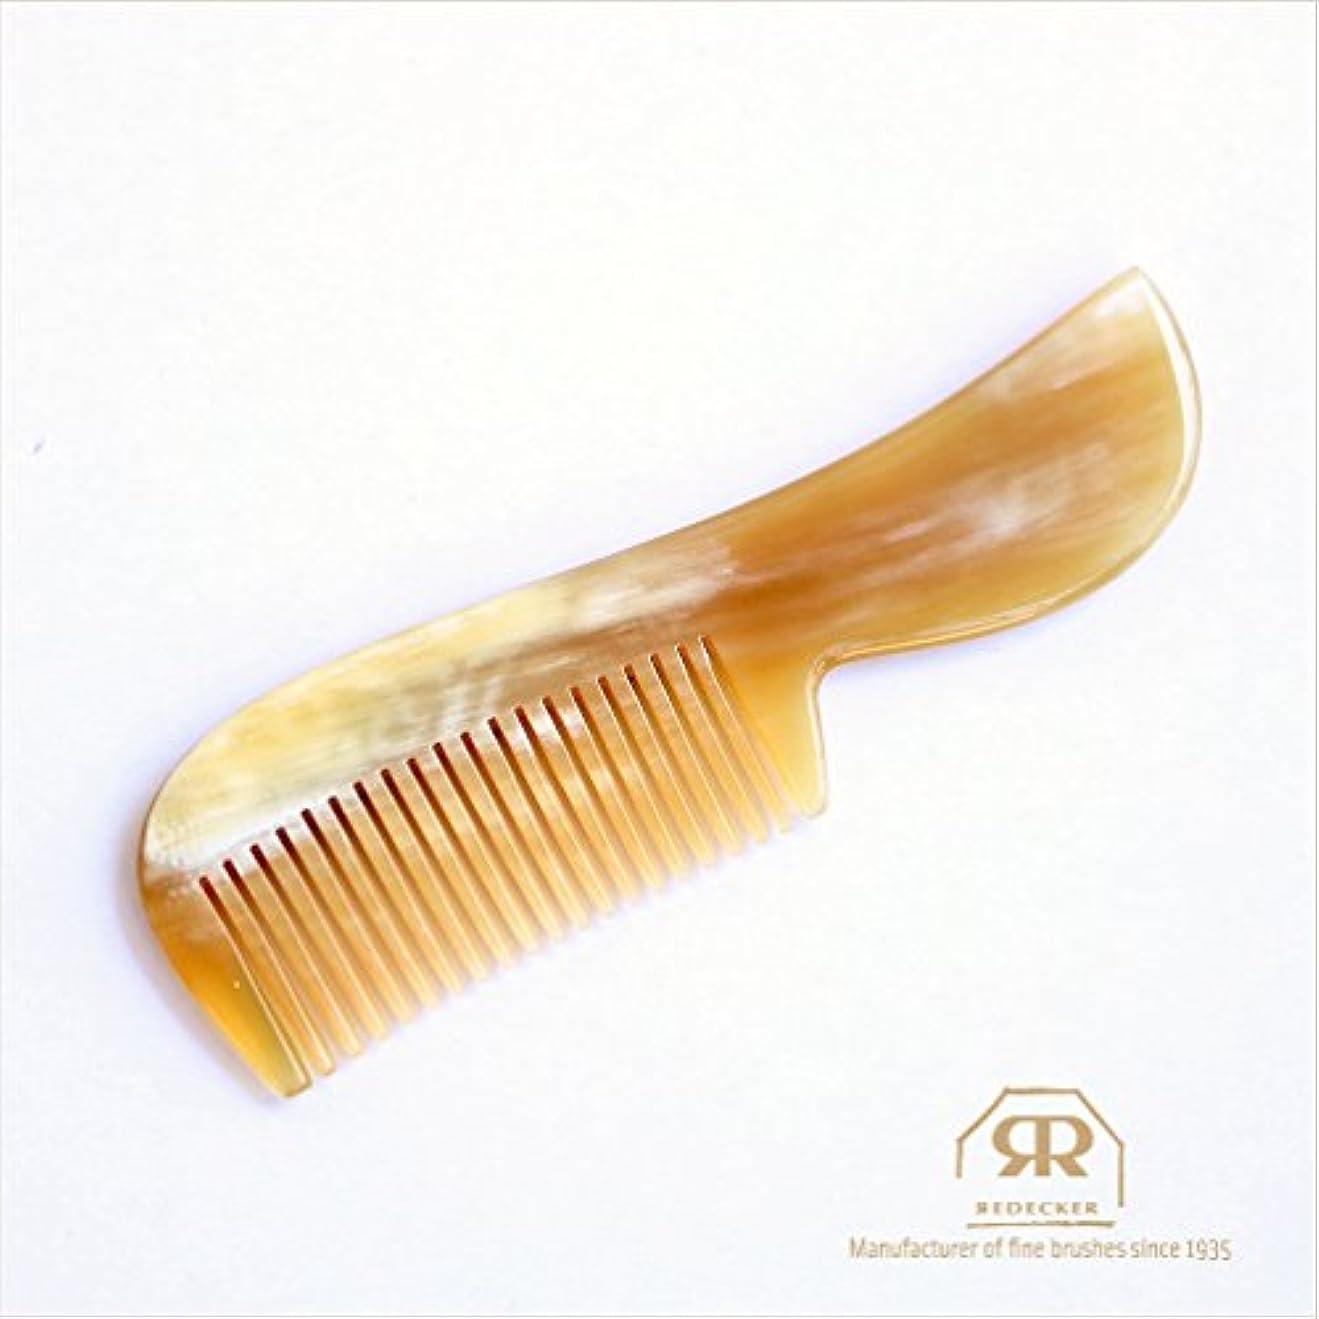 ゴールドマングルマザーランド[REDECKER/レデッカー]牛の角製髭用コーム